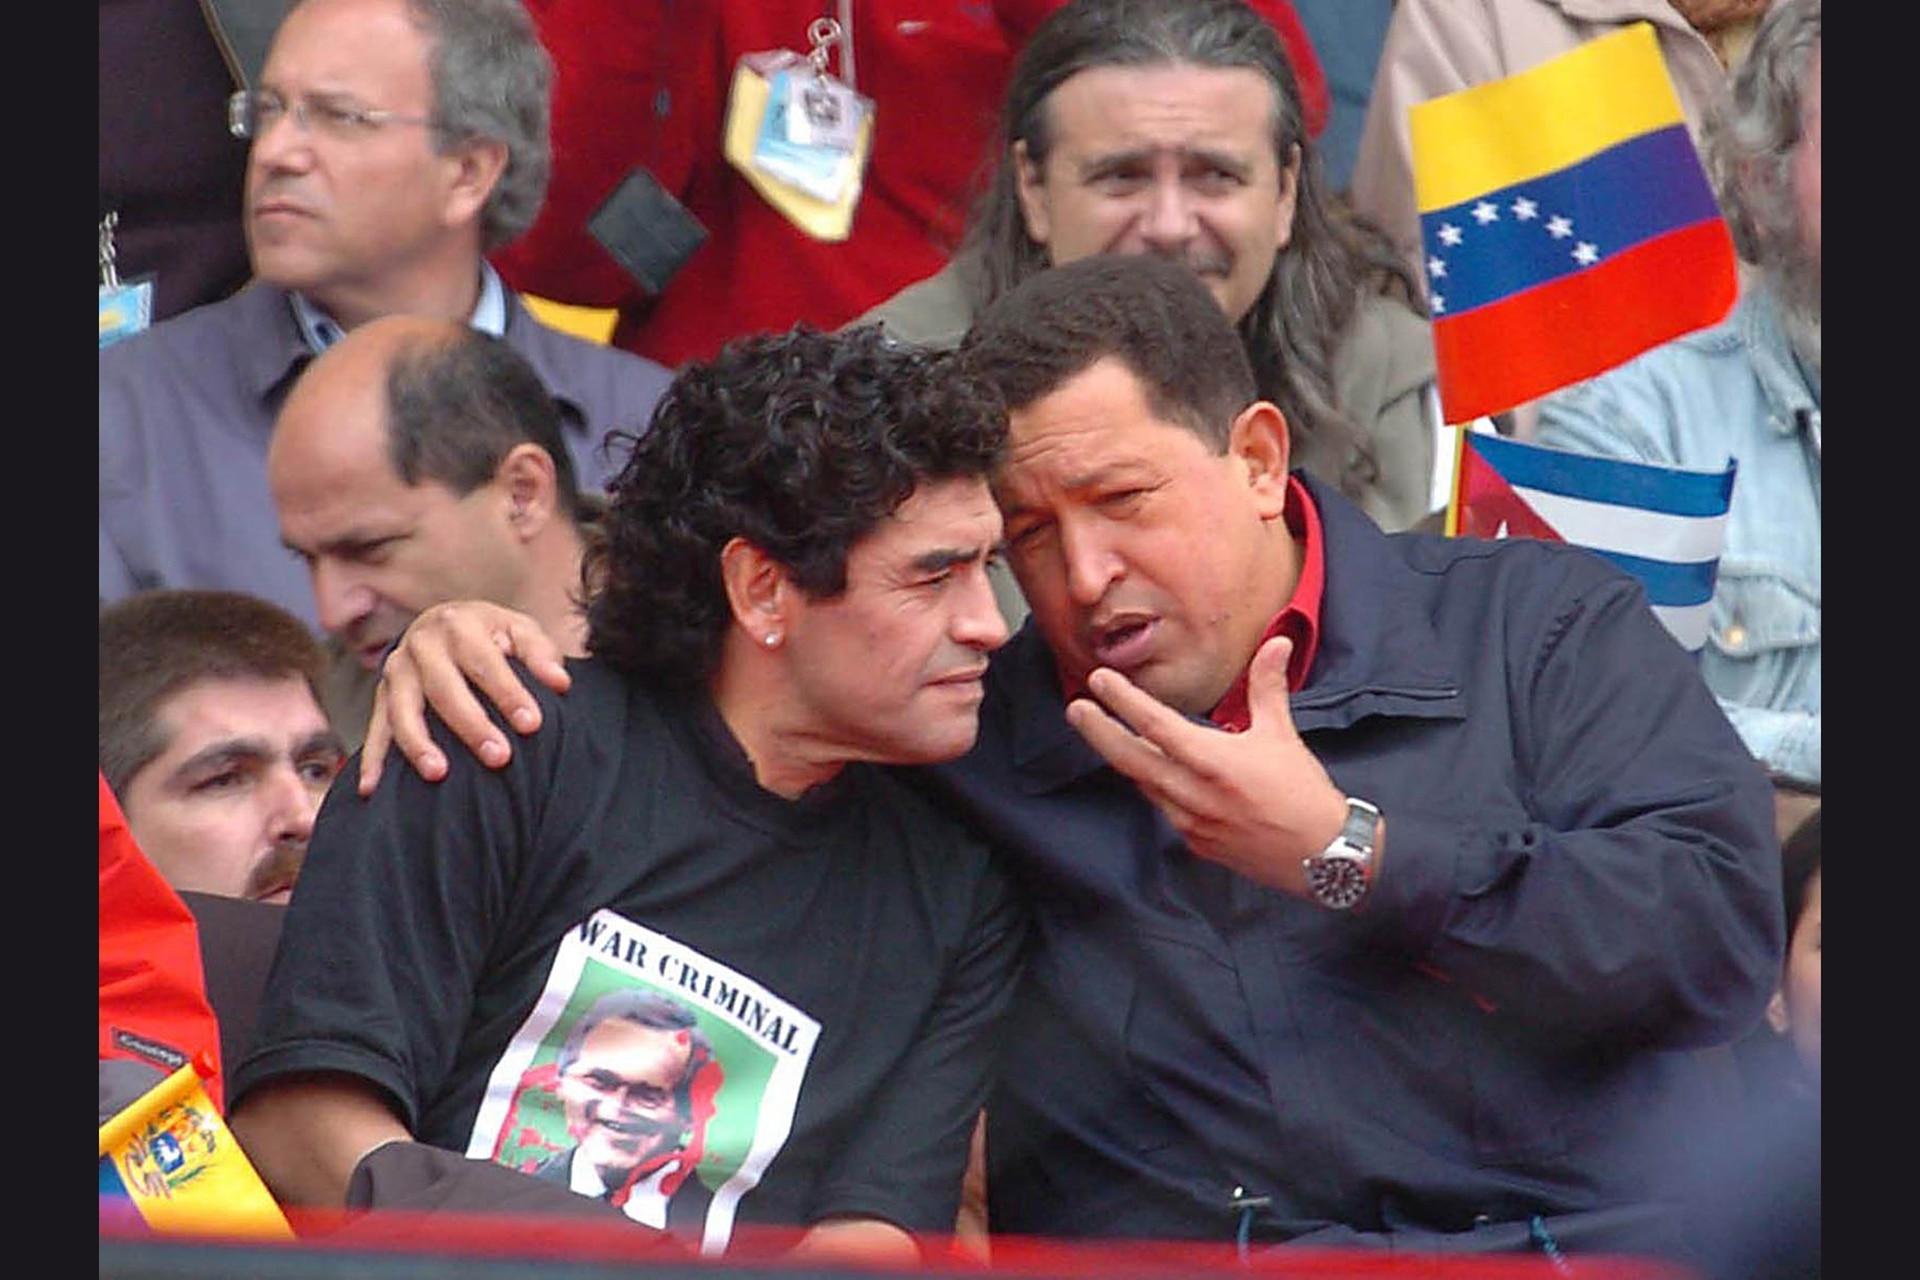 4/11/05: Hugo Chávez junto a Diego Armando Maradona durante el acto de cierre de la III Cumbre de los Pueblos, realizado en el Estadio Mundialista de Mar del Plata